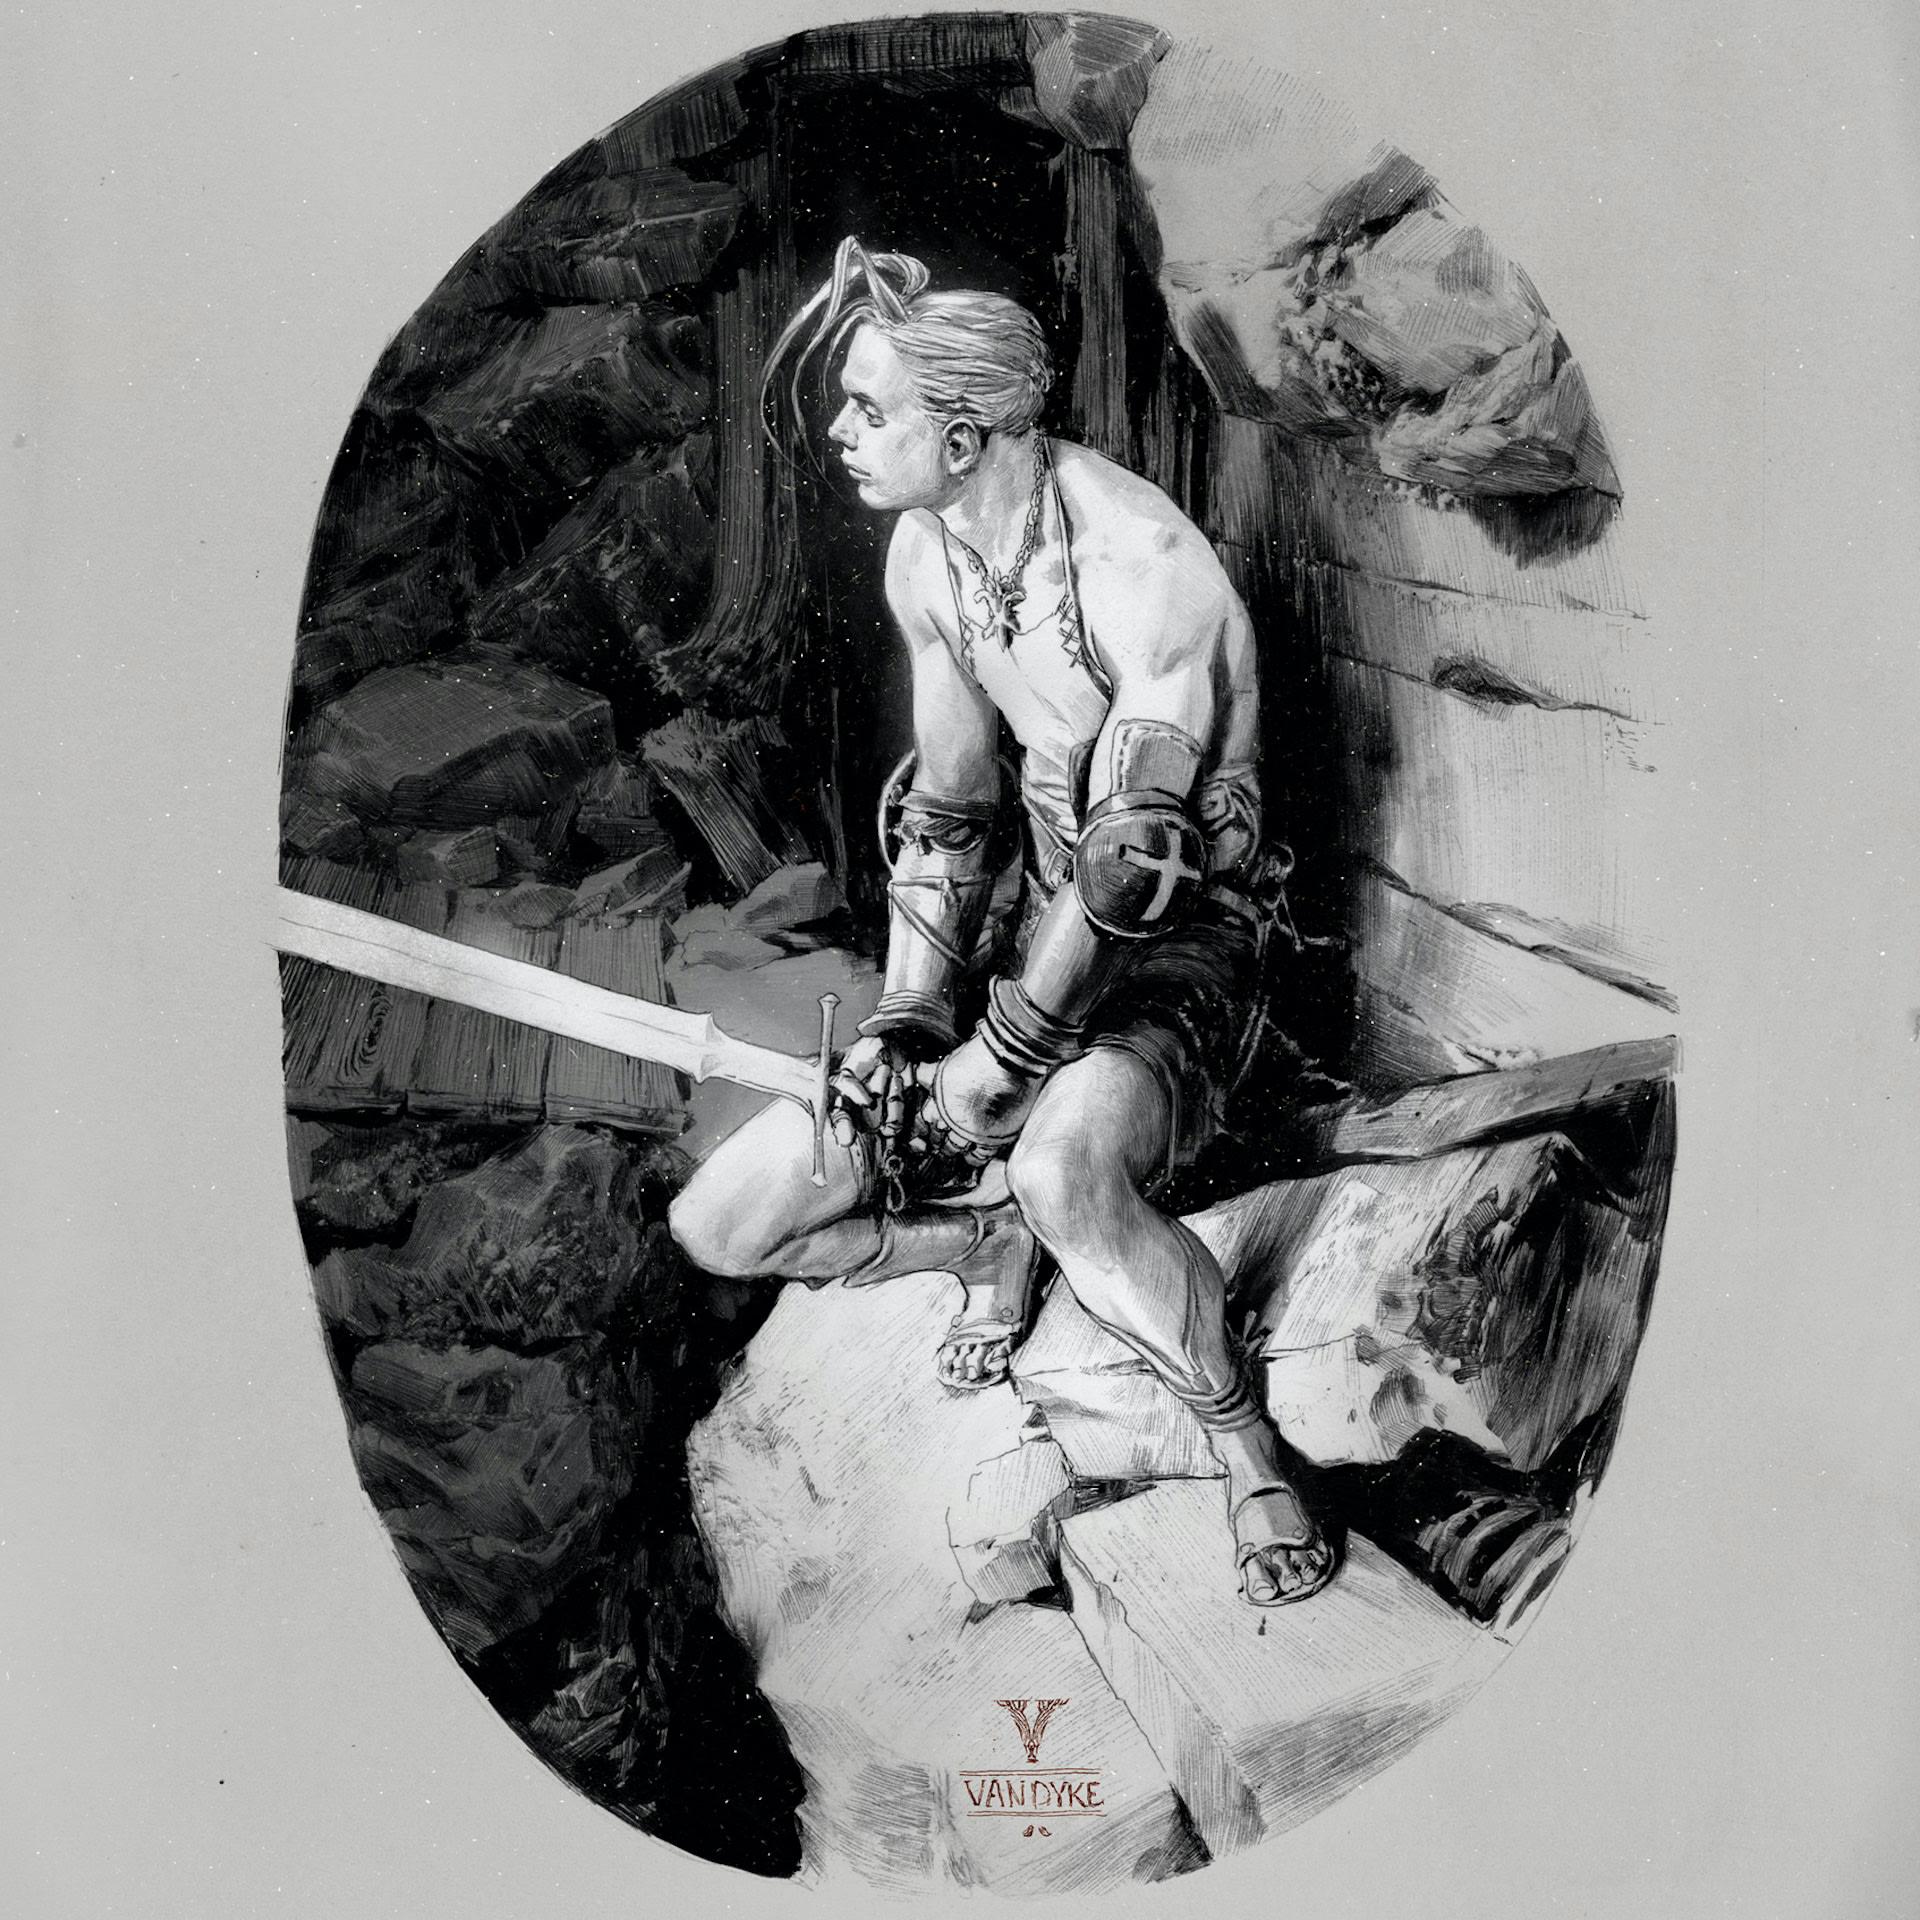 Vagrant (Geirrod van Dyke)